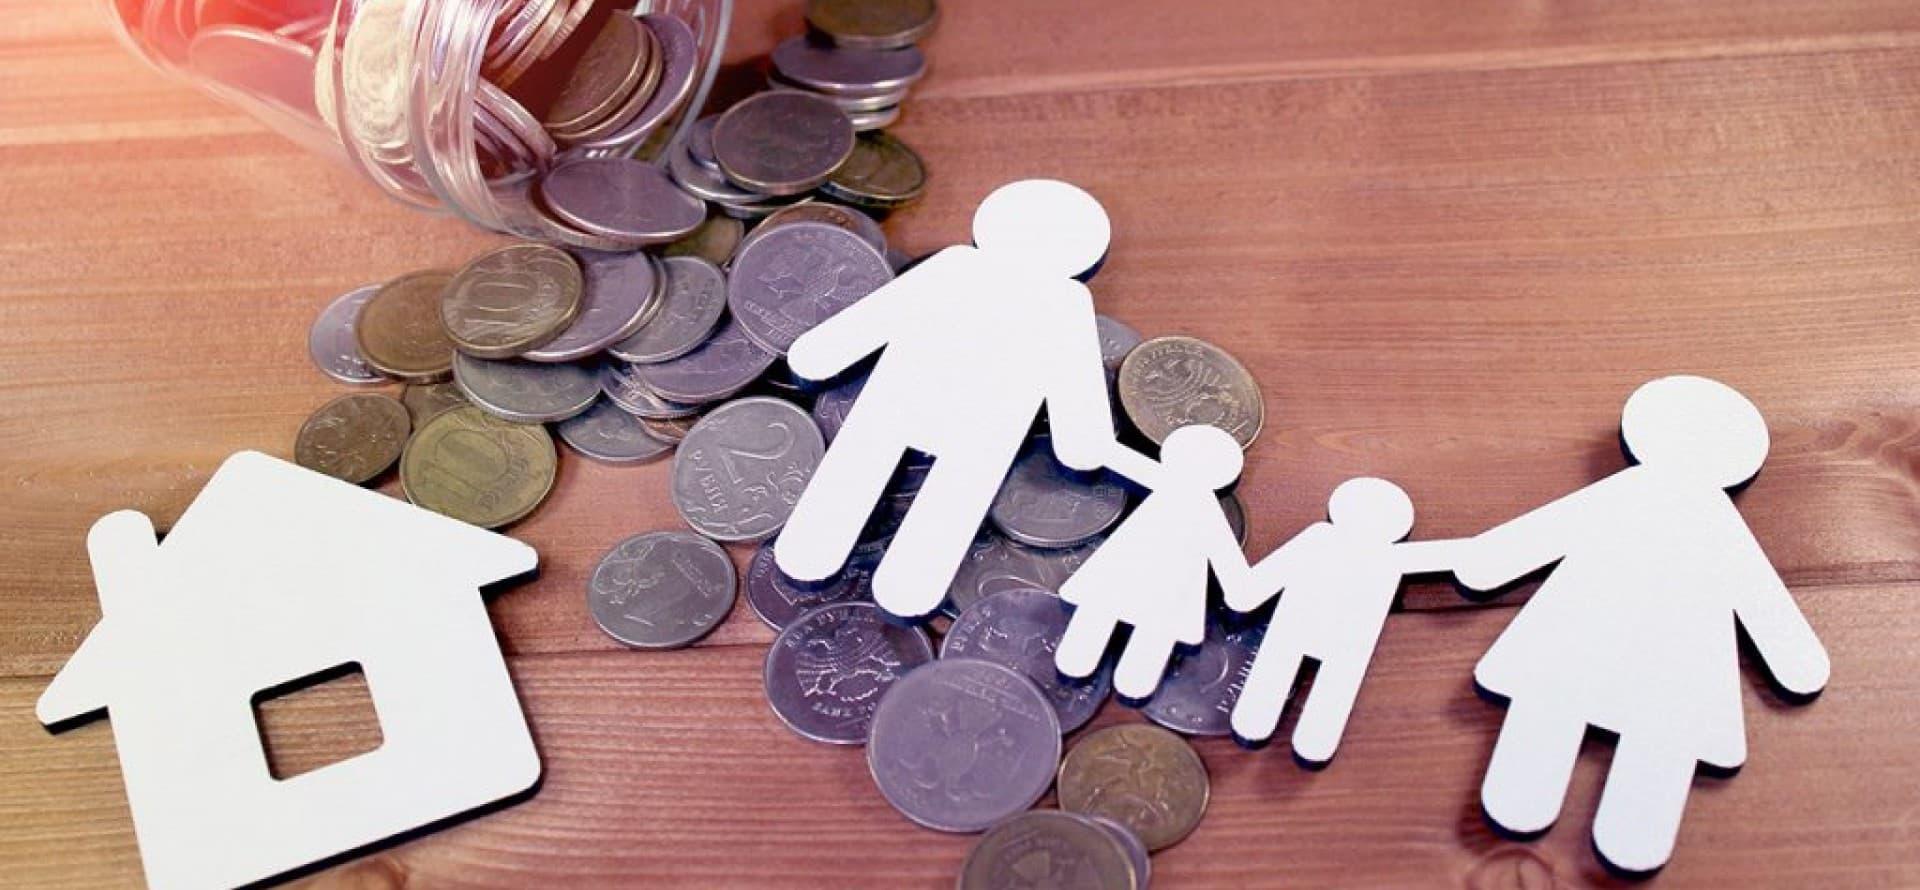 Семейный бюджет доходы и расходы